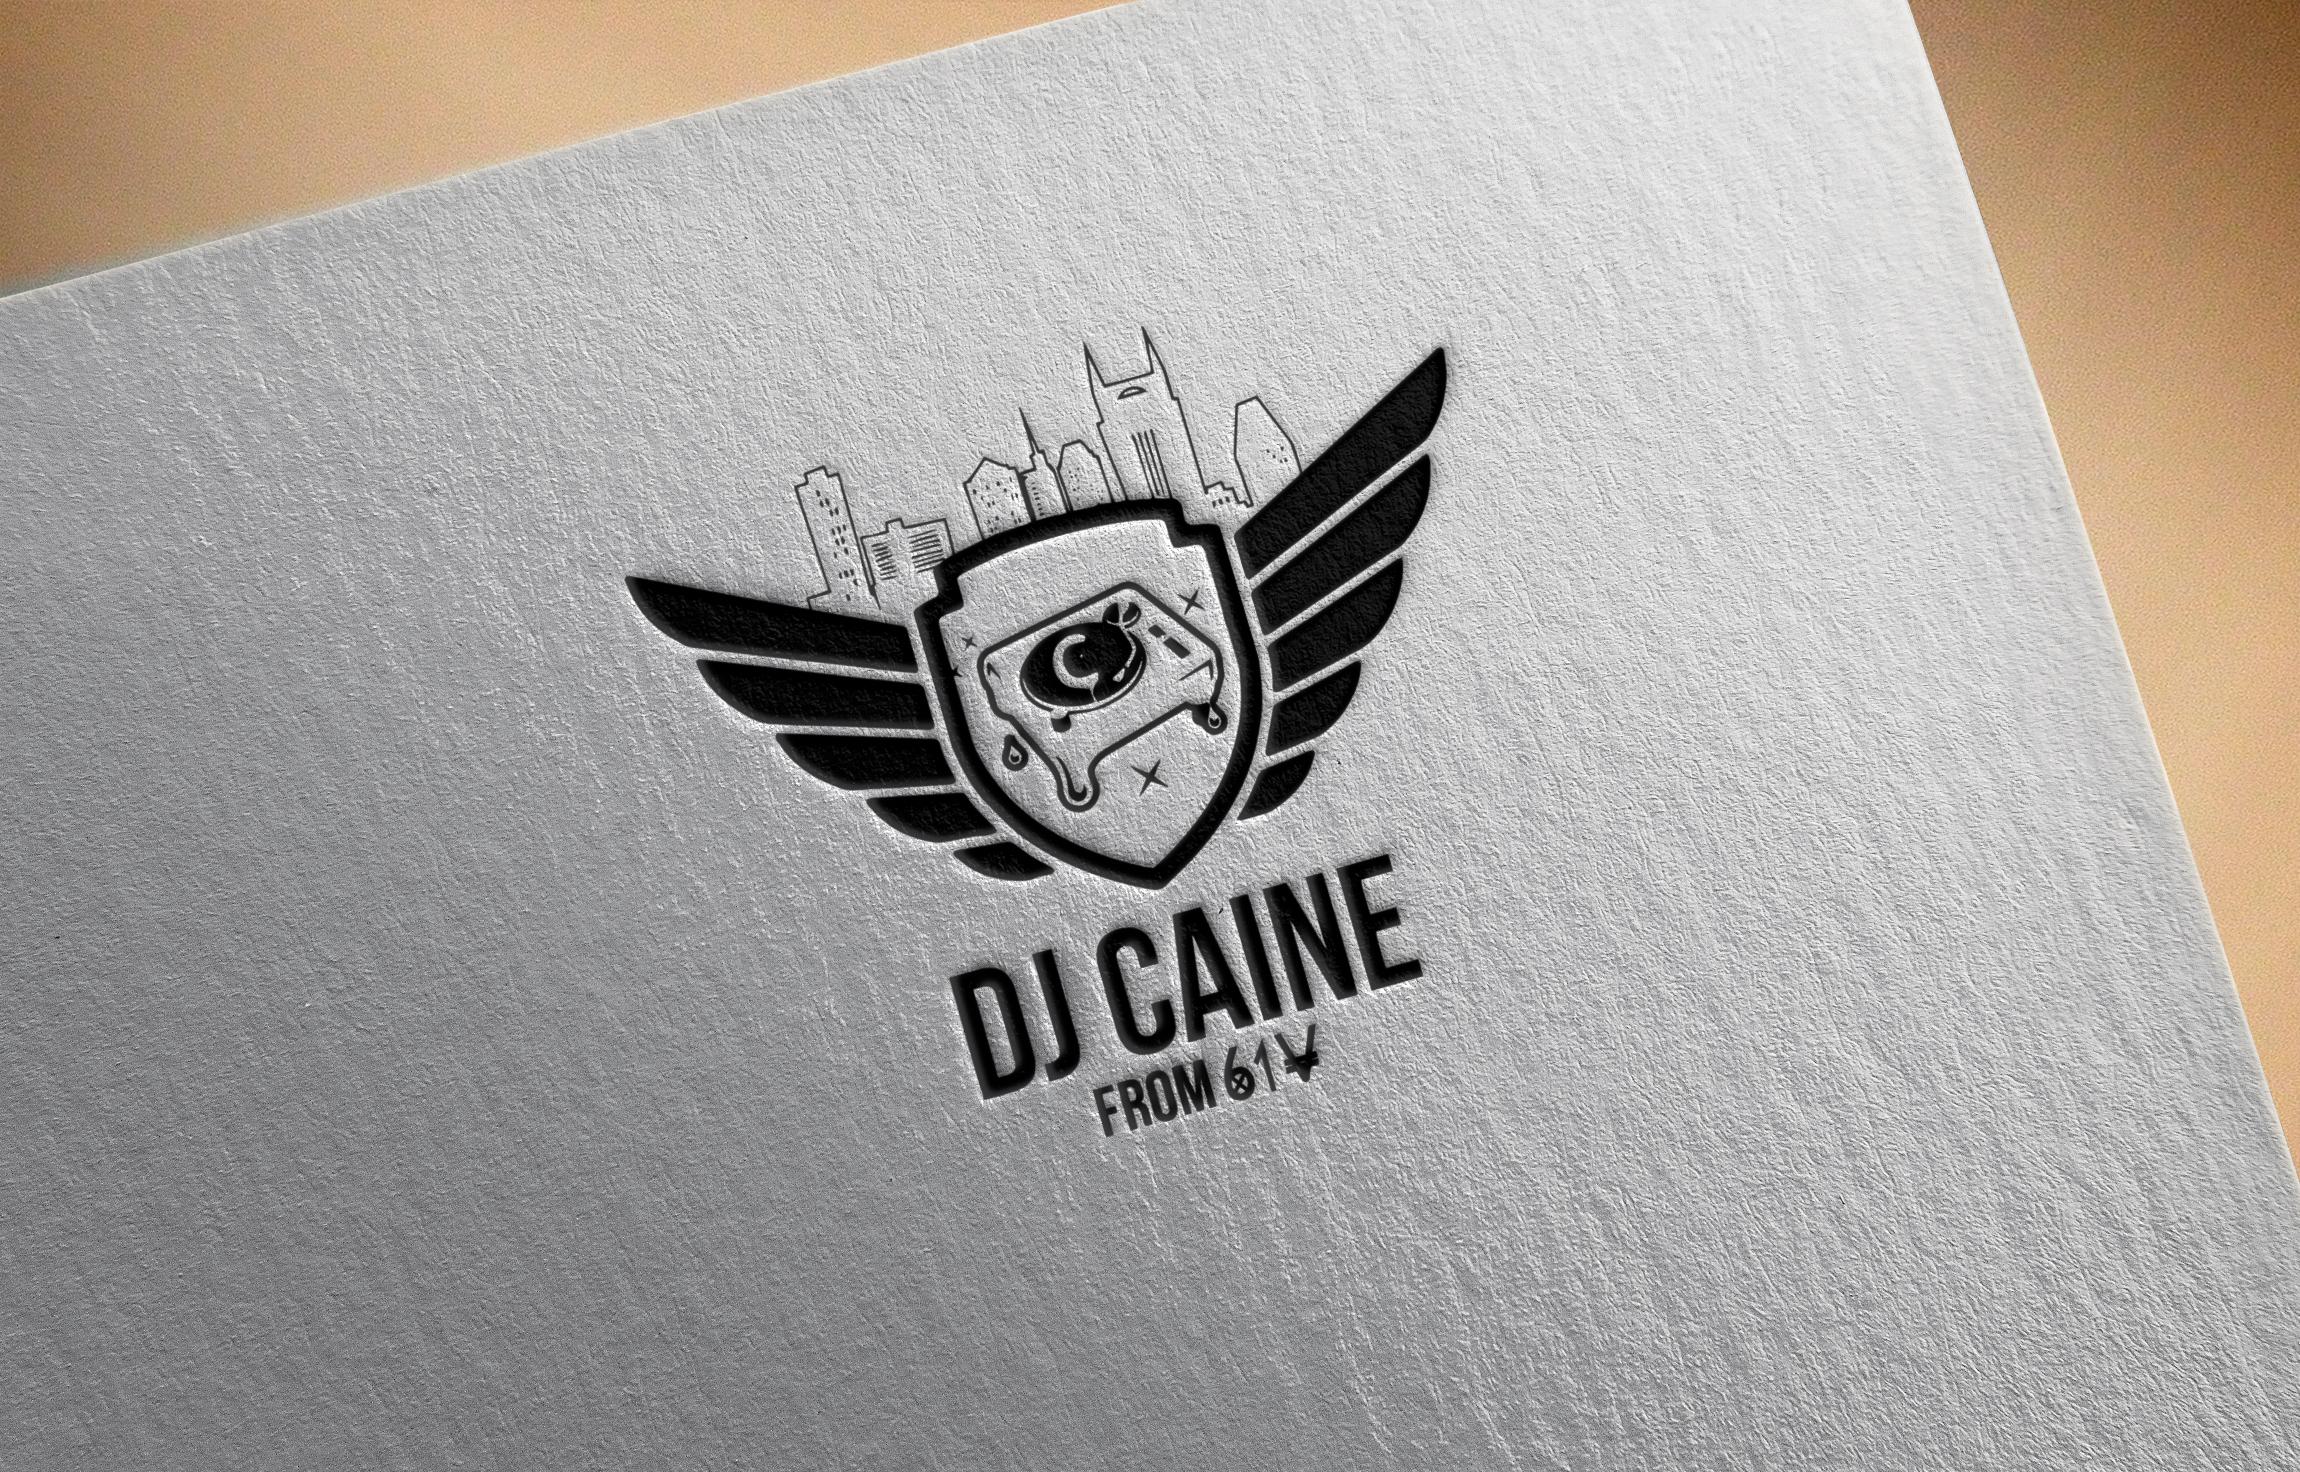 Caine.jpg